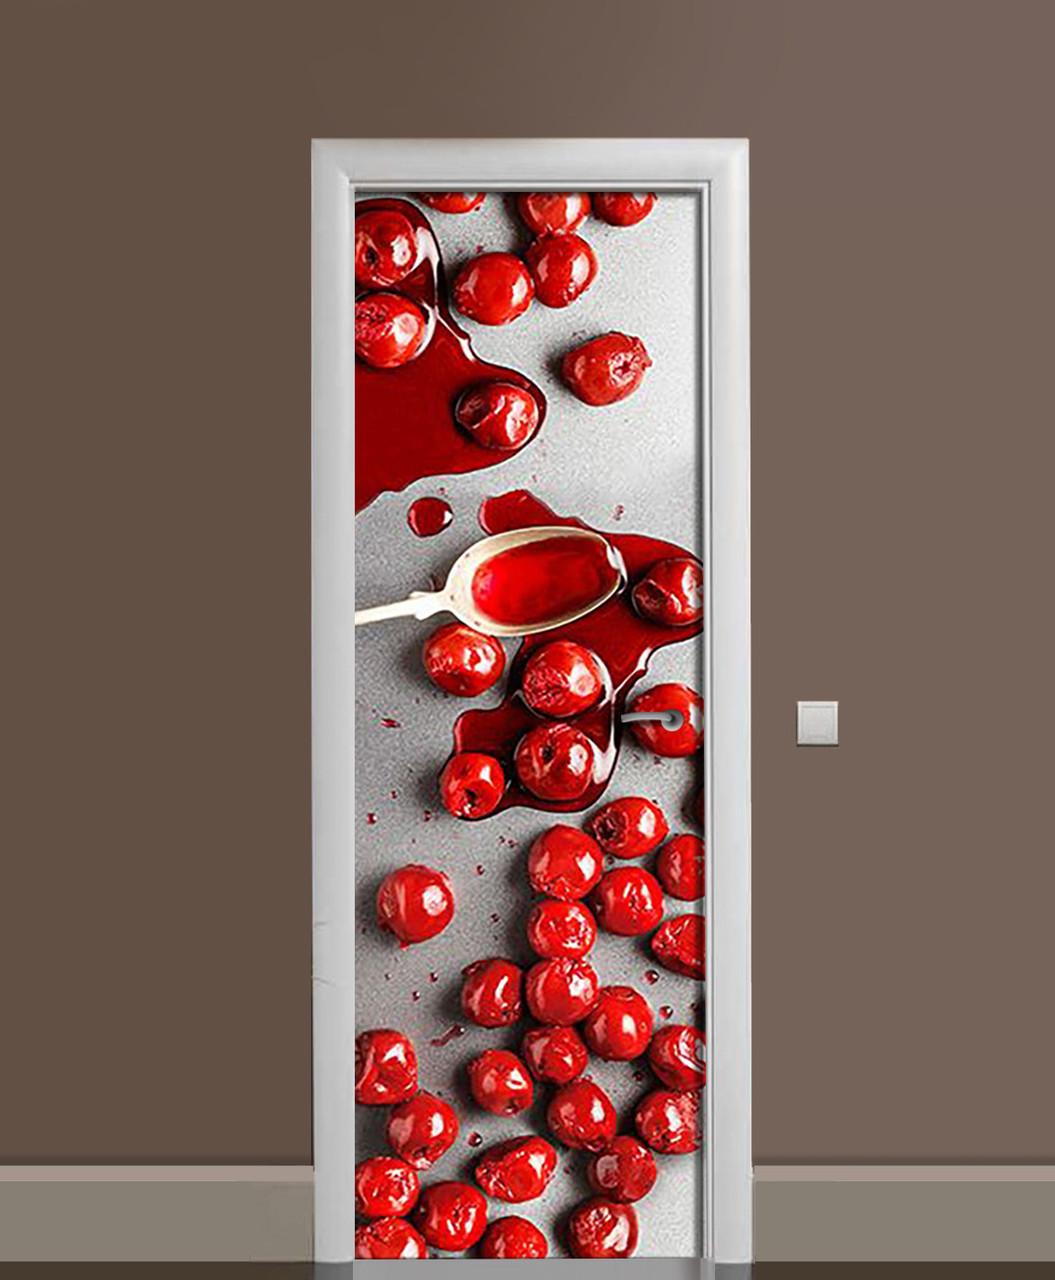 Наклейка на двери Вишневое варенье виниловая пленка ламинированная ПВХ красные ягоды Еда 650*2000 мм